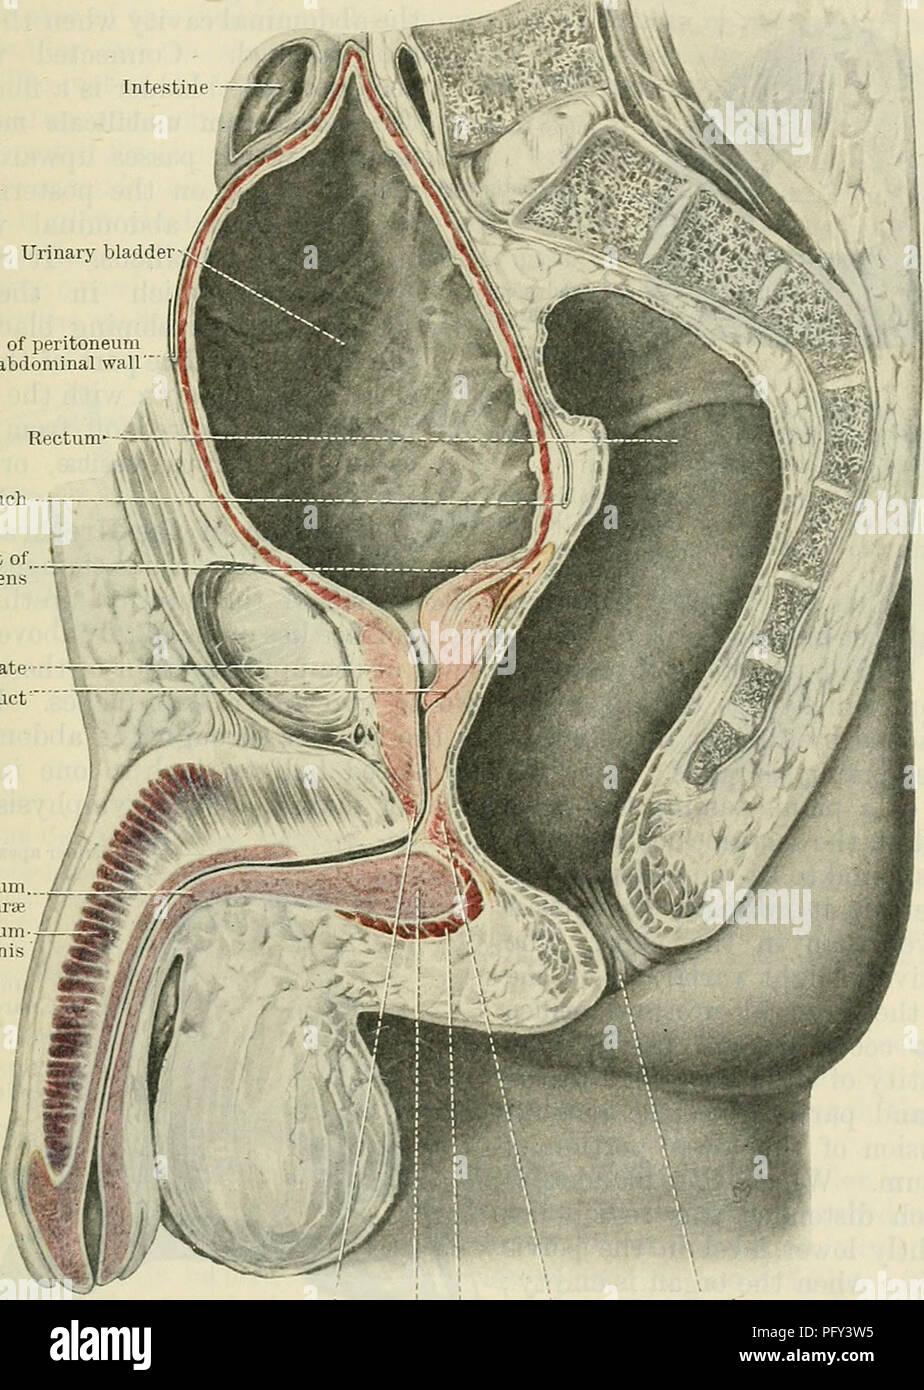 Pubic Symphysis Imágenes De Stock & Pubic Symphysis Fotos De Stock ...